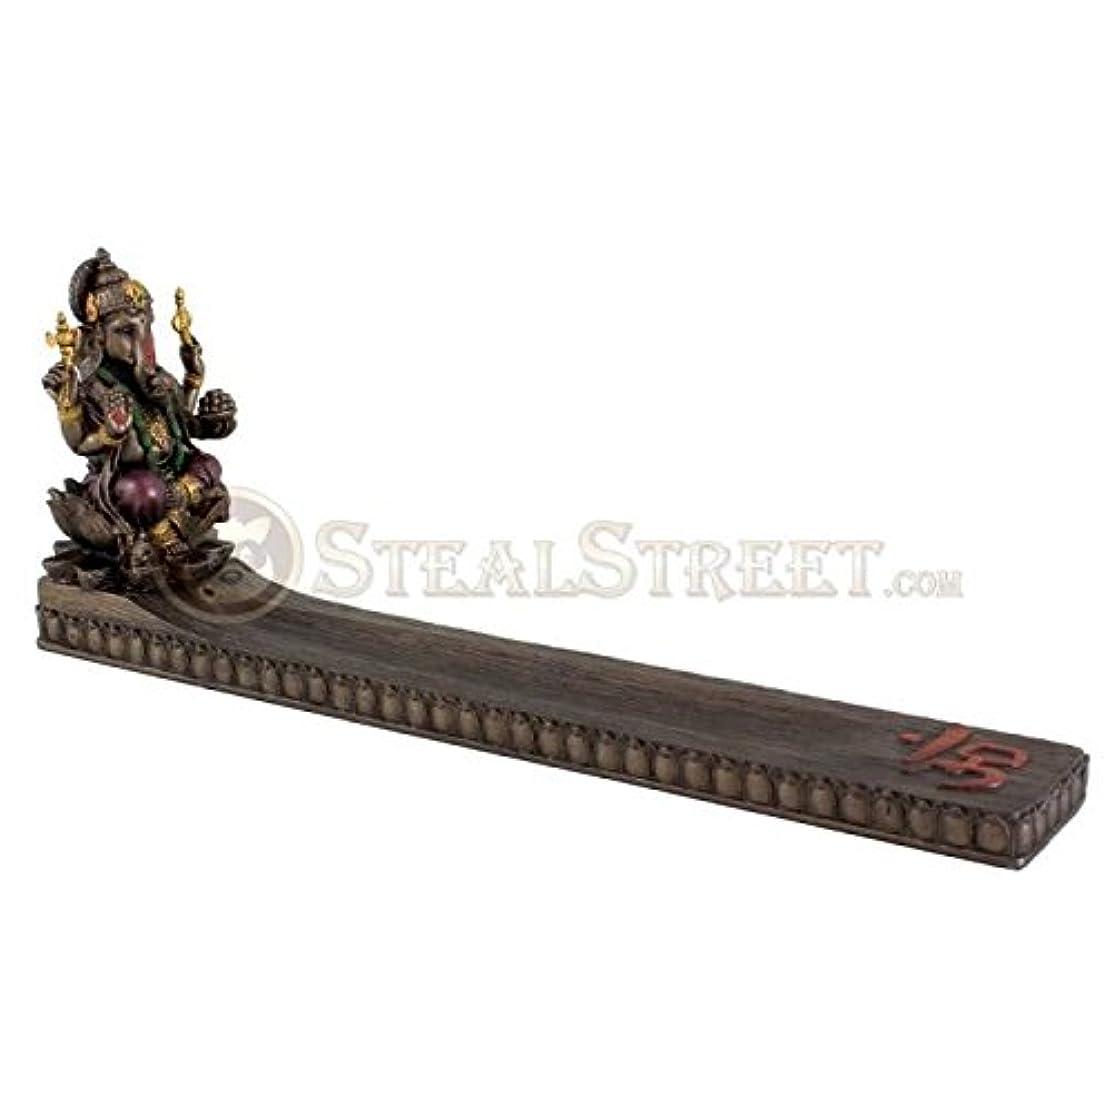 定期的にそんなに行くHindu God Ganesha Incense Holder Incense Burner Ganesh